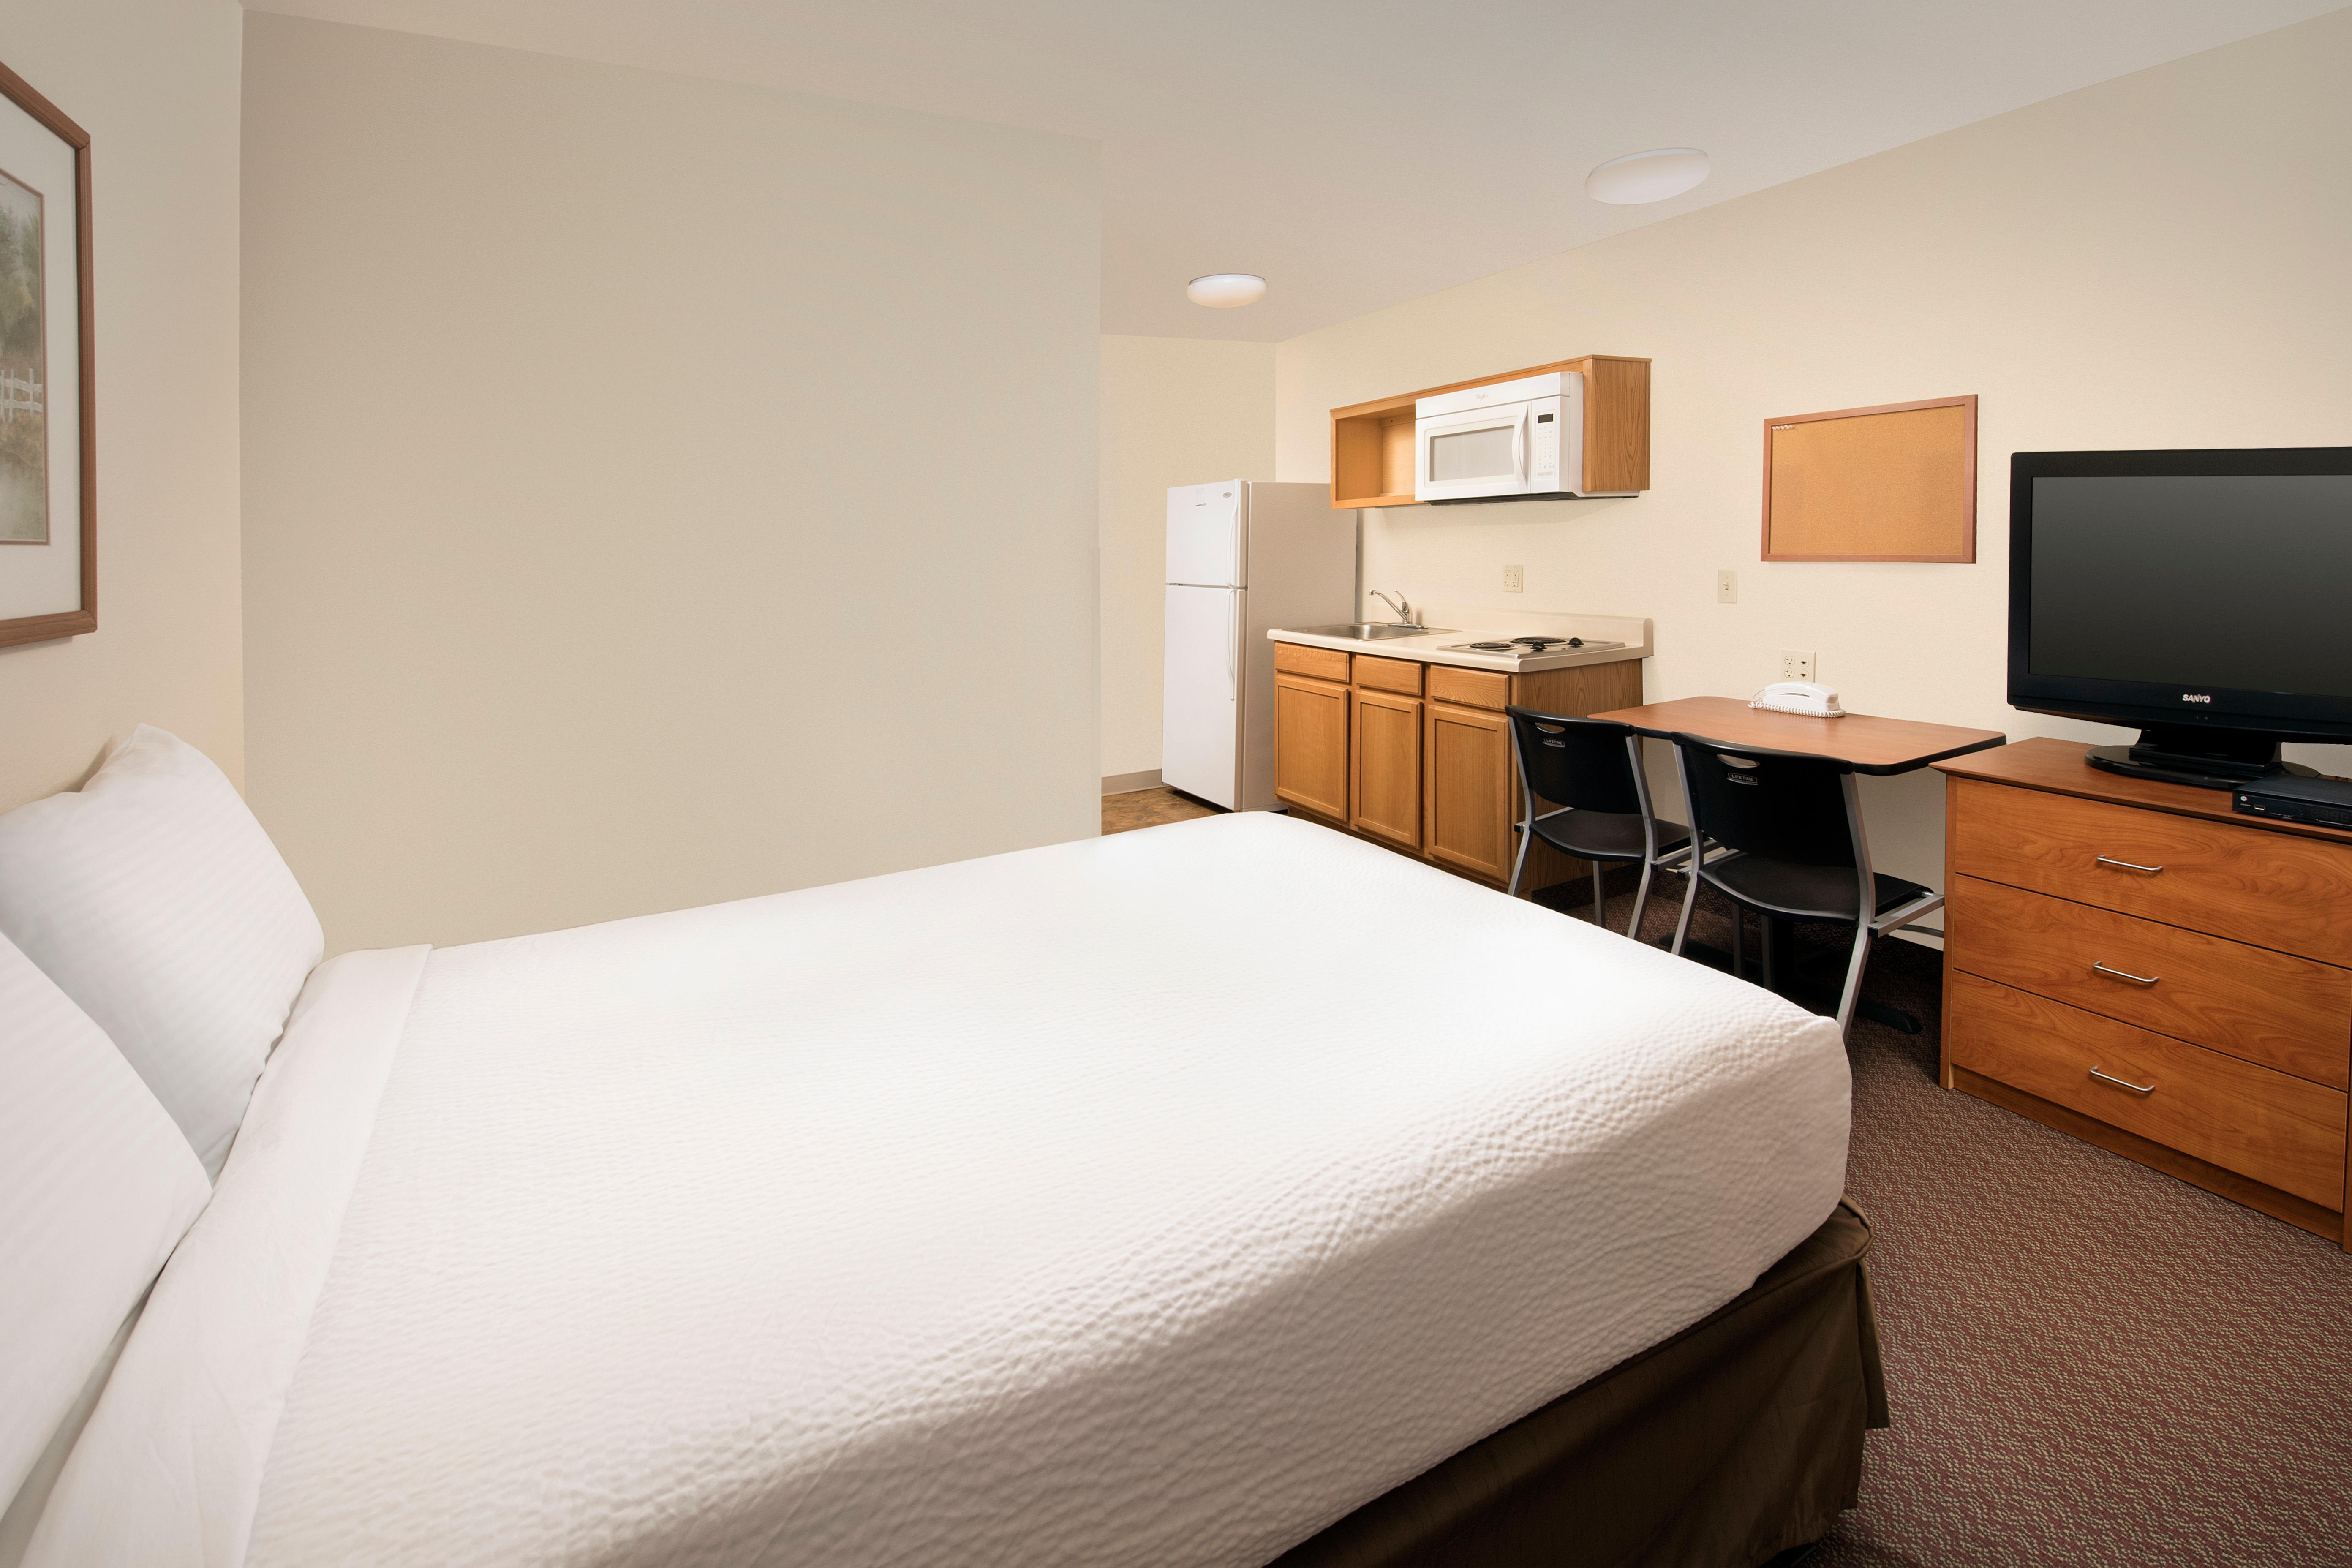 WoodSpring Suites Midland image 6